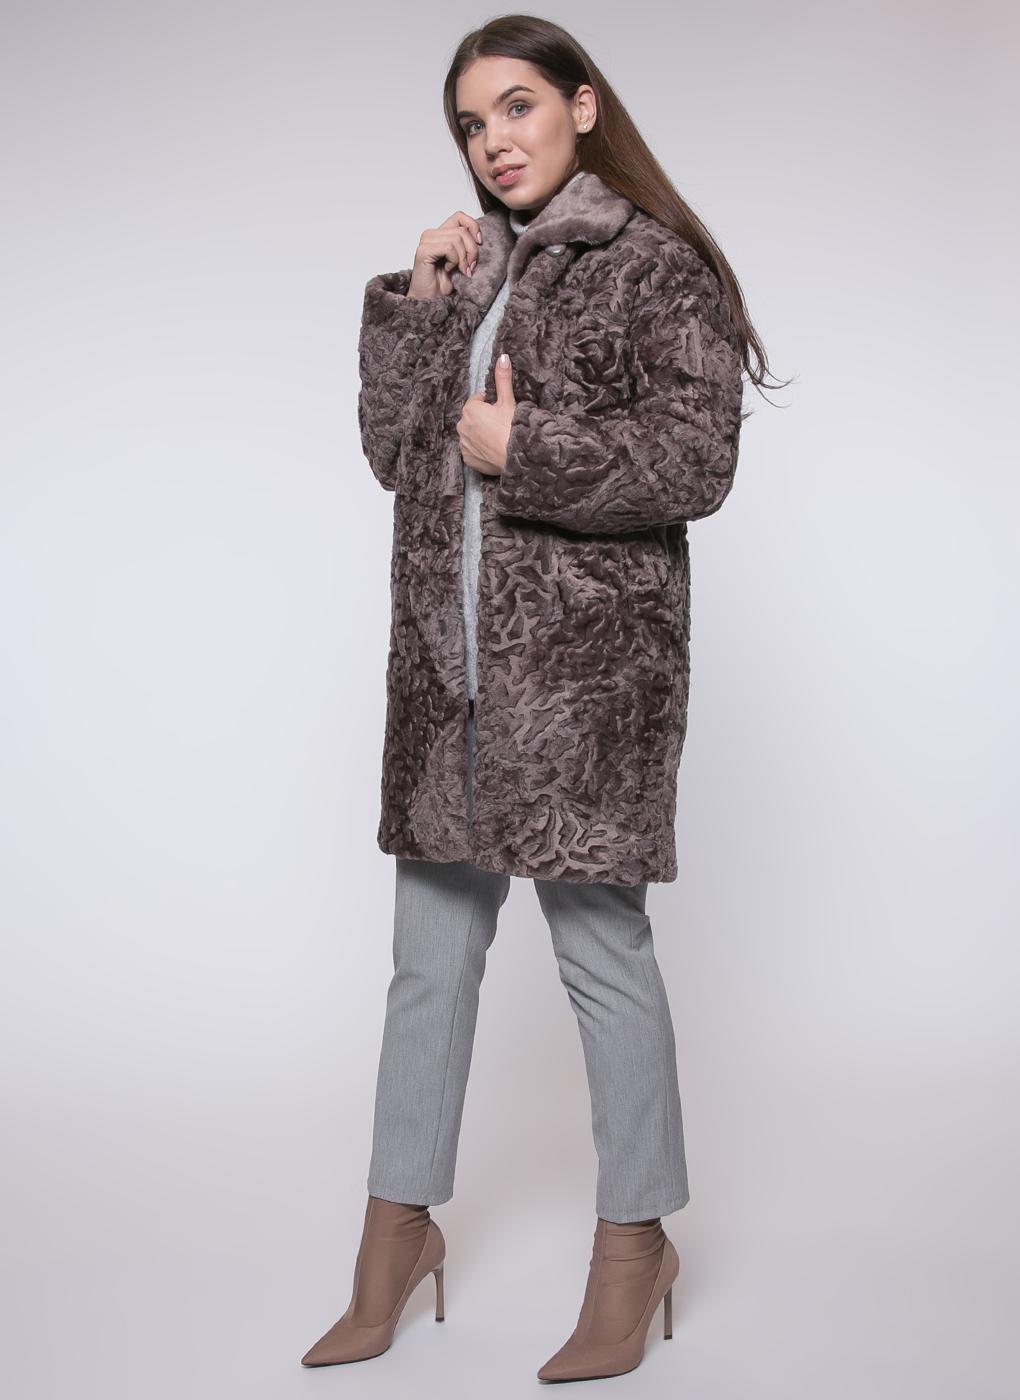 Пальто прямое из овчины 01, Janifer